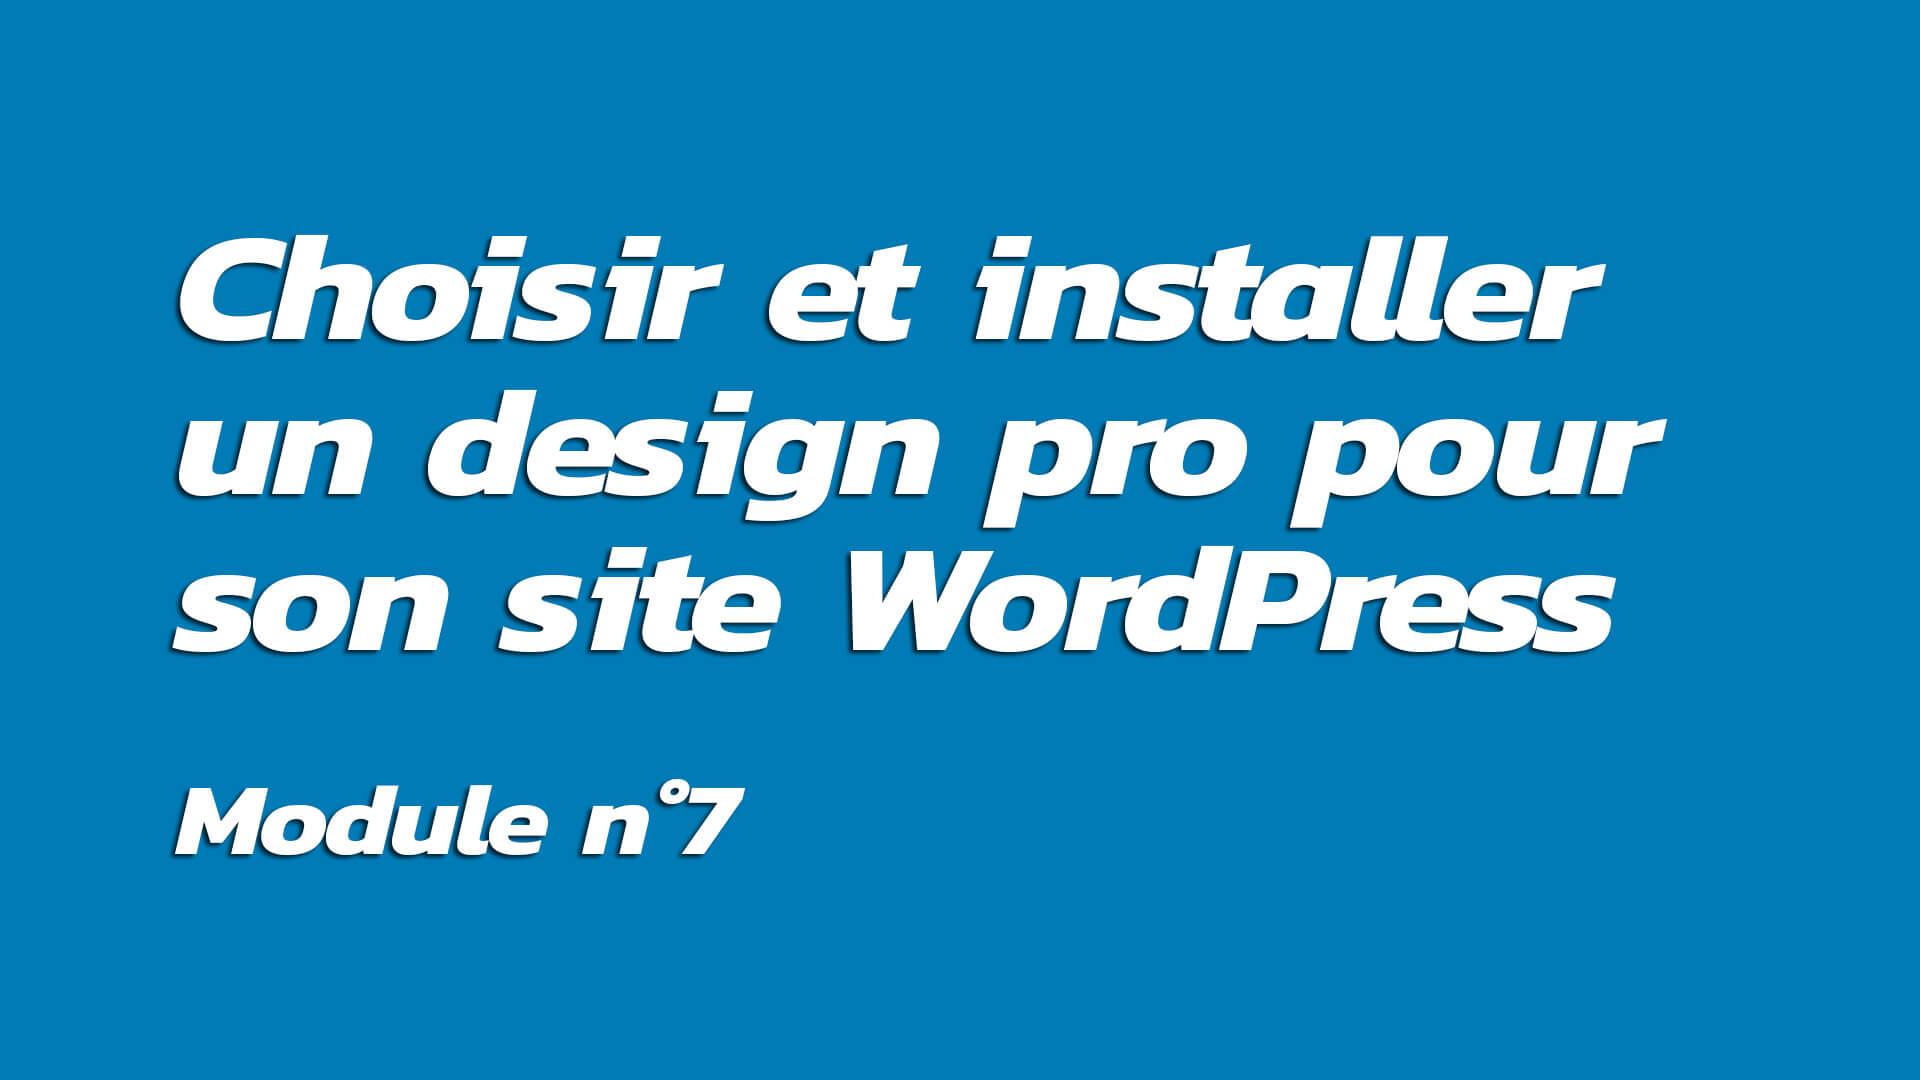 Formation : Choisir et installer un design pro pour son site WordPress